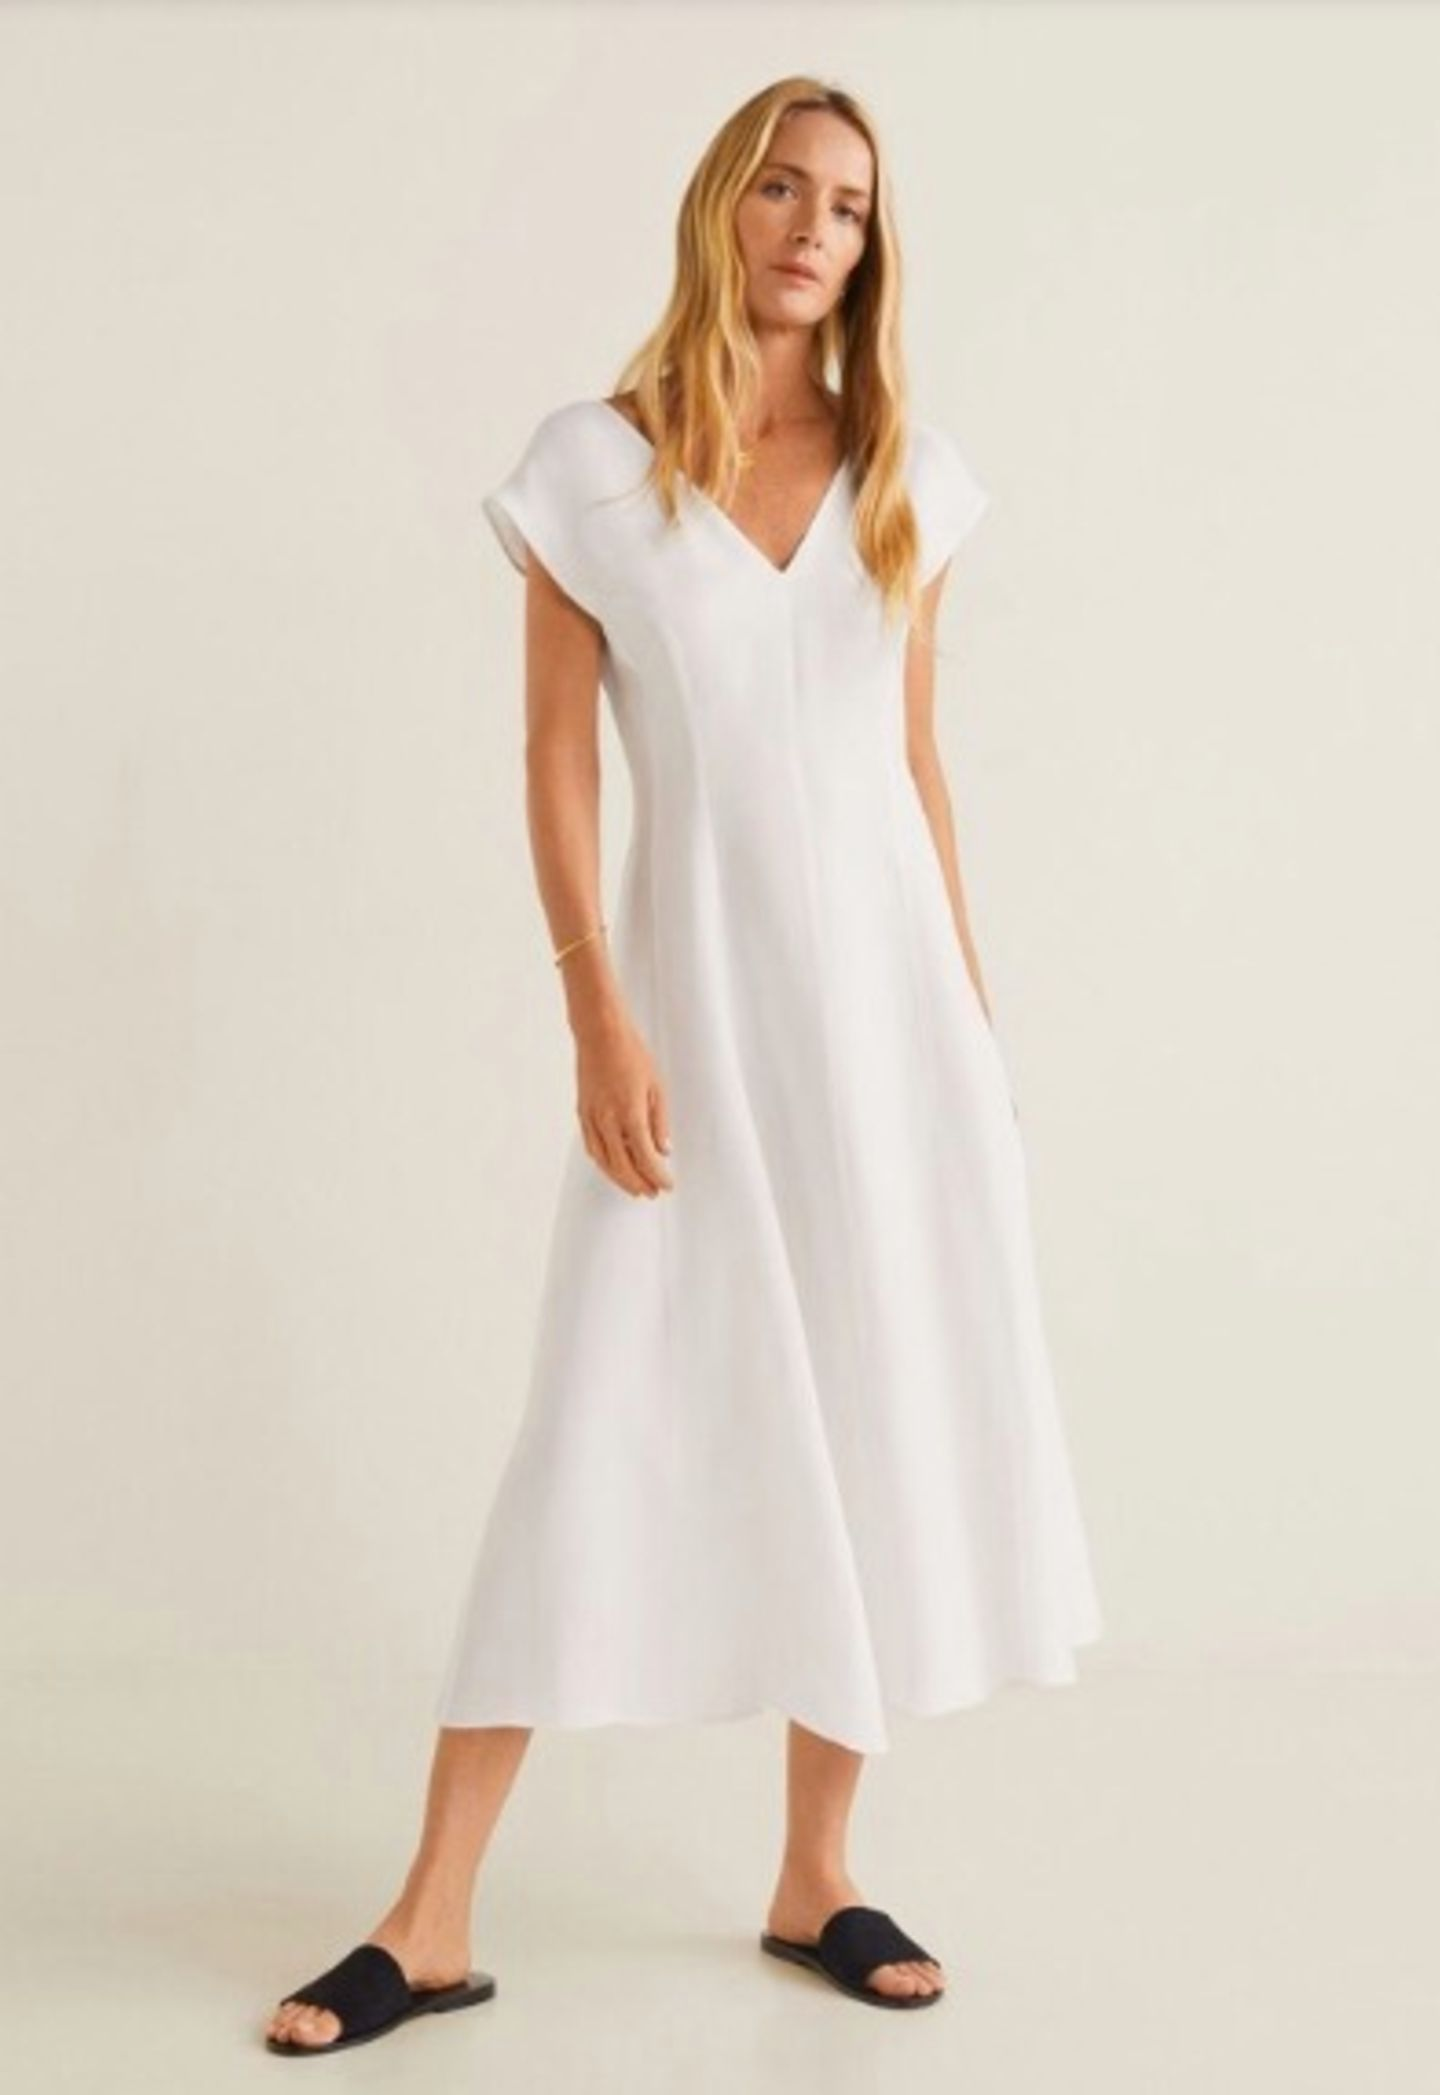 weiße sommerkleider: die schönsten modelle der saison